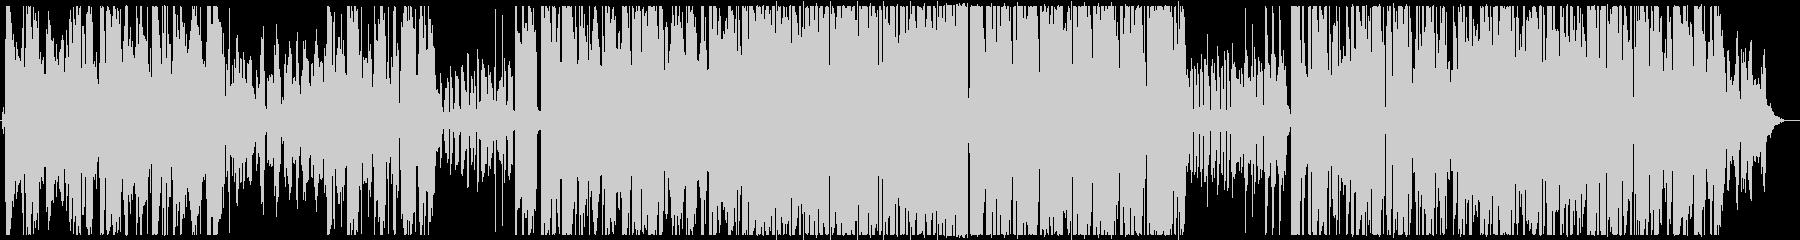 ダウナーなHIPHOPの未再生の波形